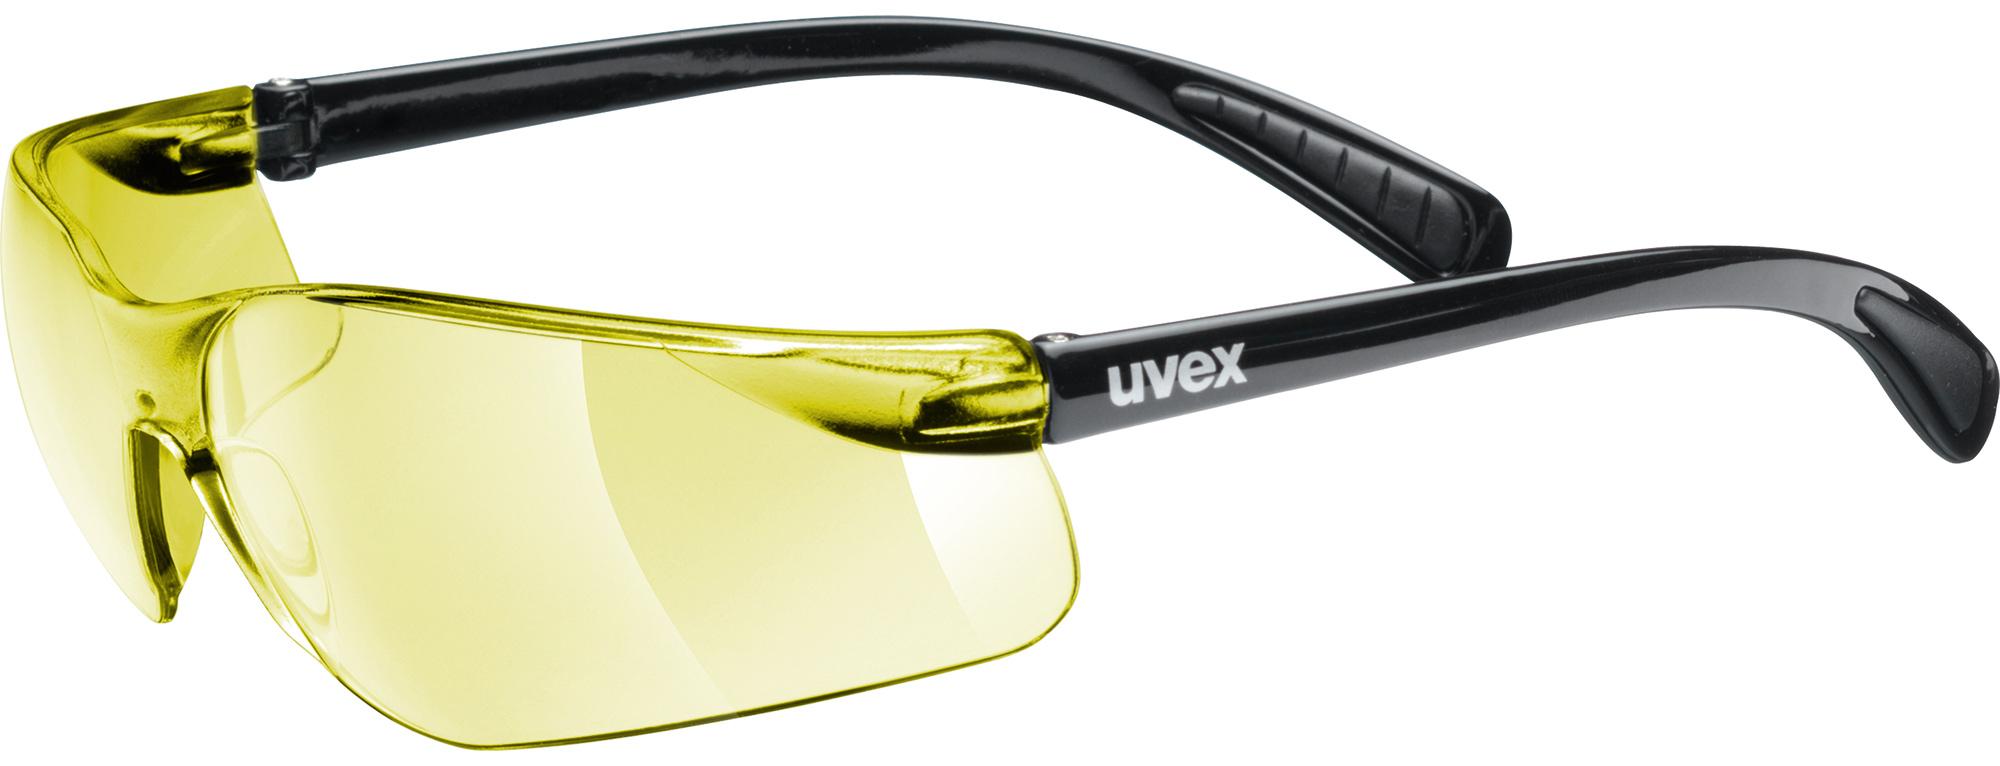 все цены на Uvex Солнцезащитные очки Uvex Flash